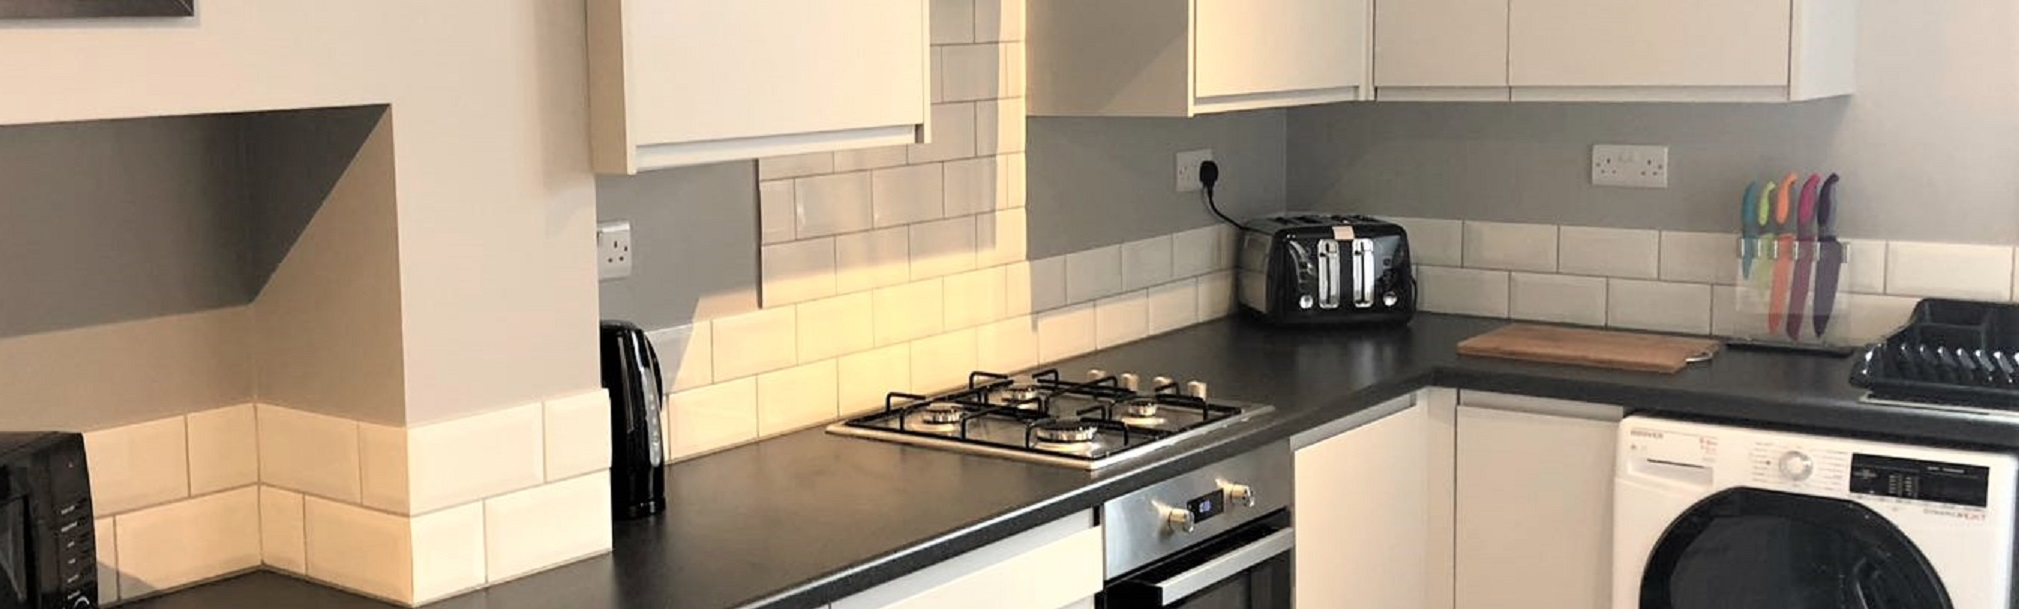 En-Suite Rooms in Brand New Refurbishment- Nantwich Road, Crewe